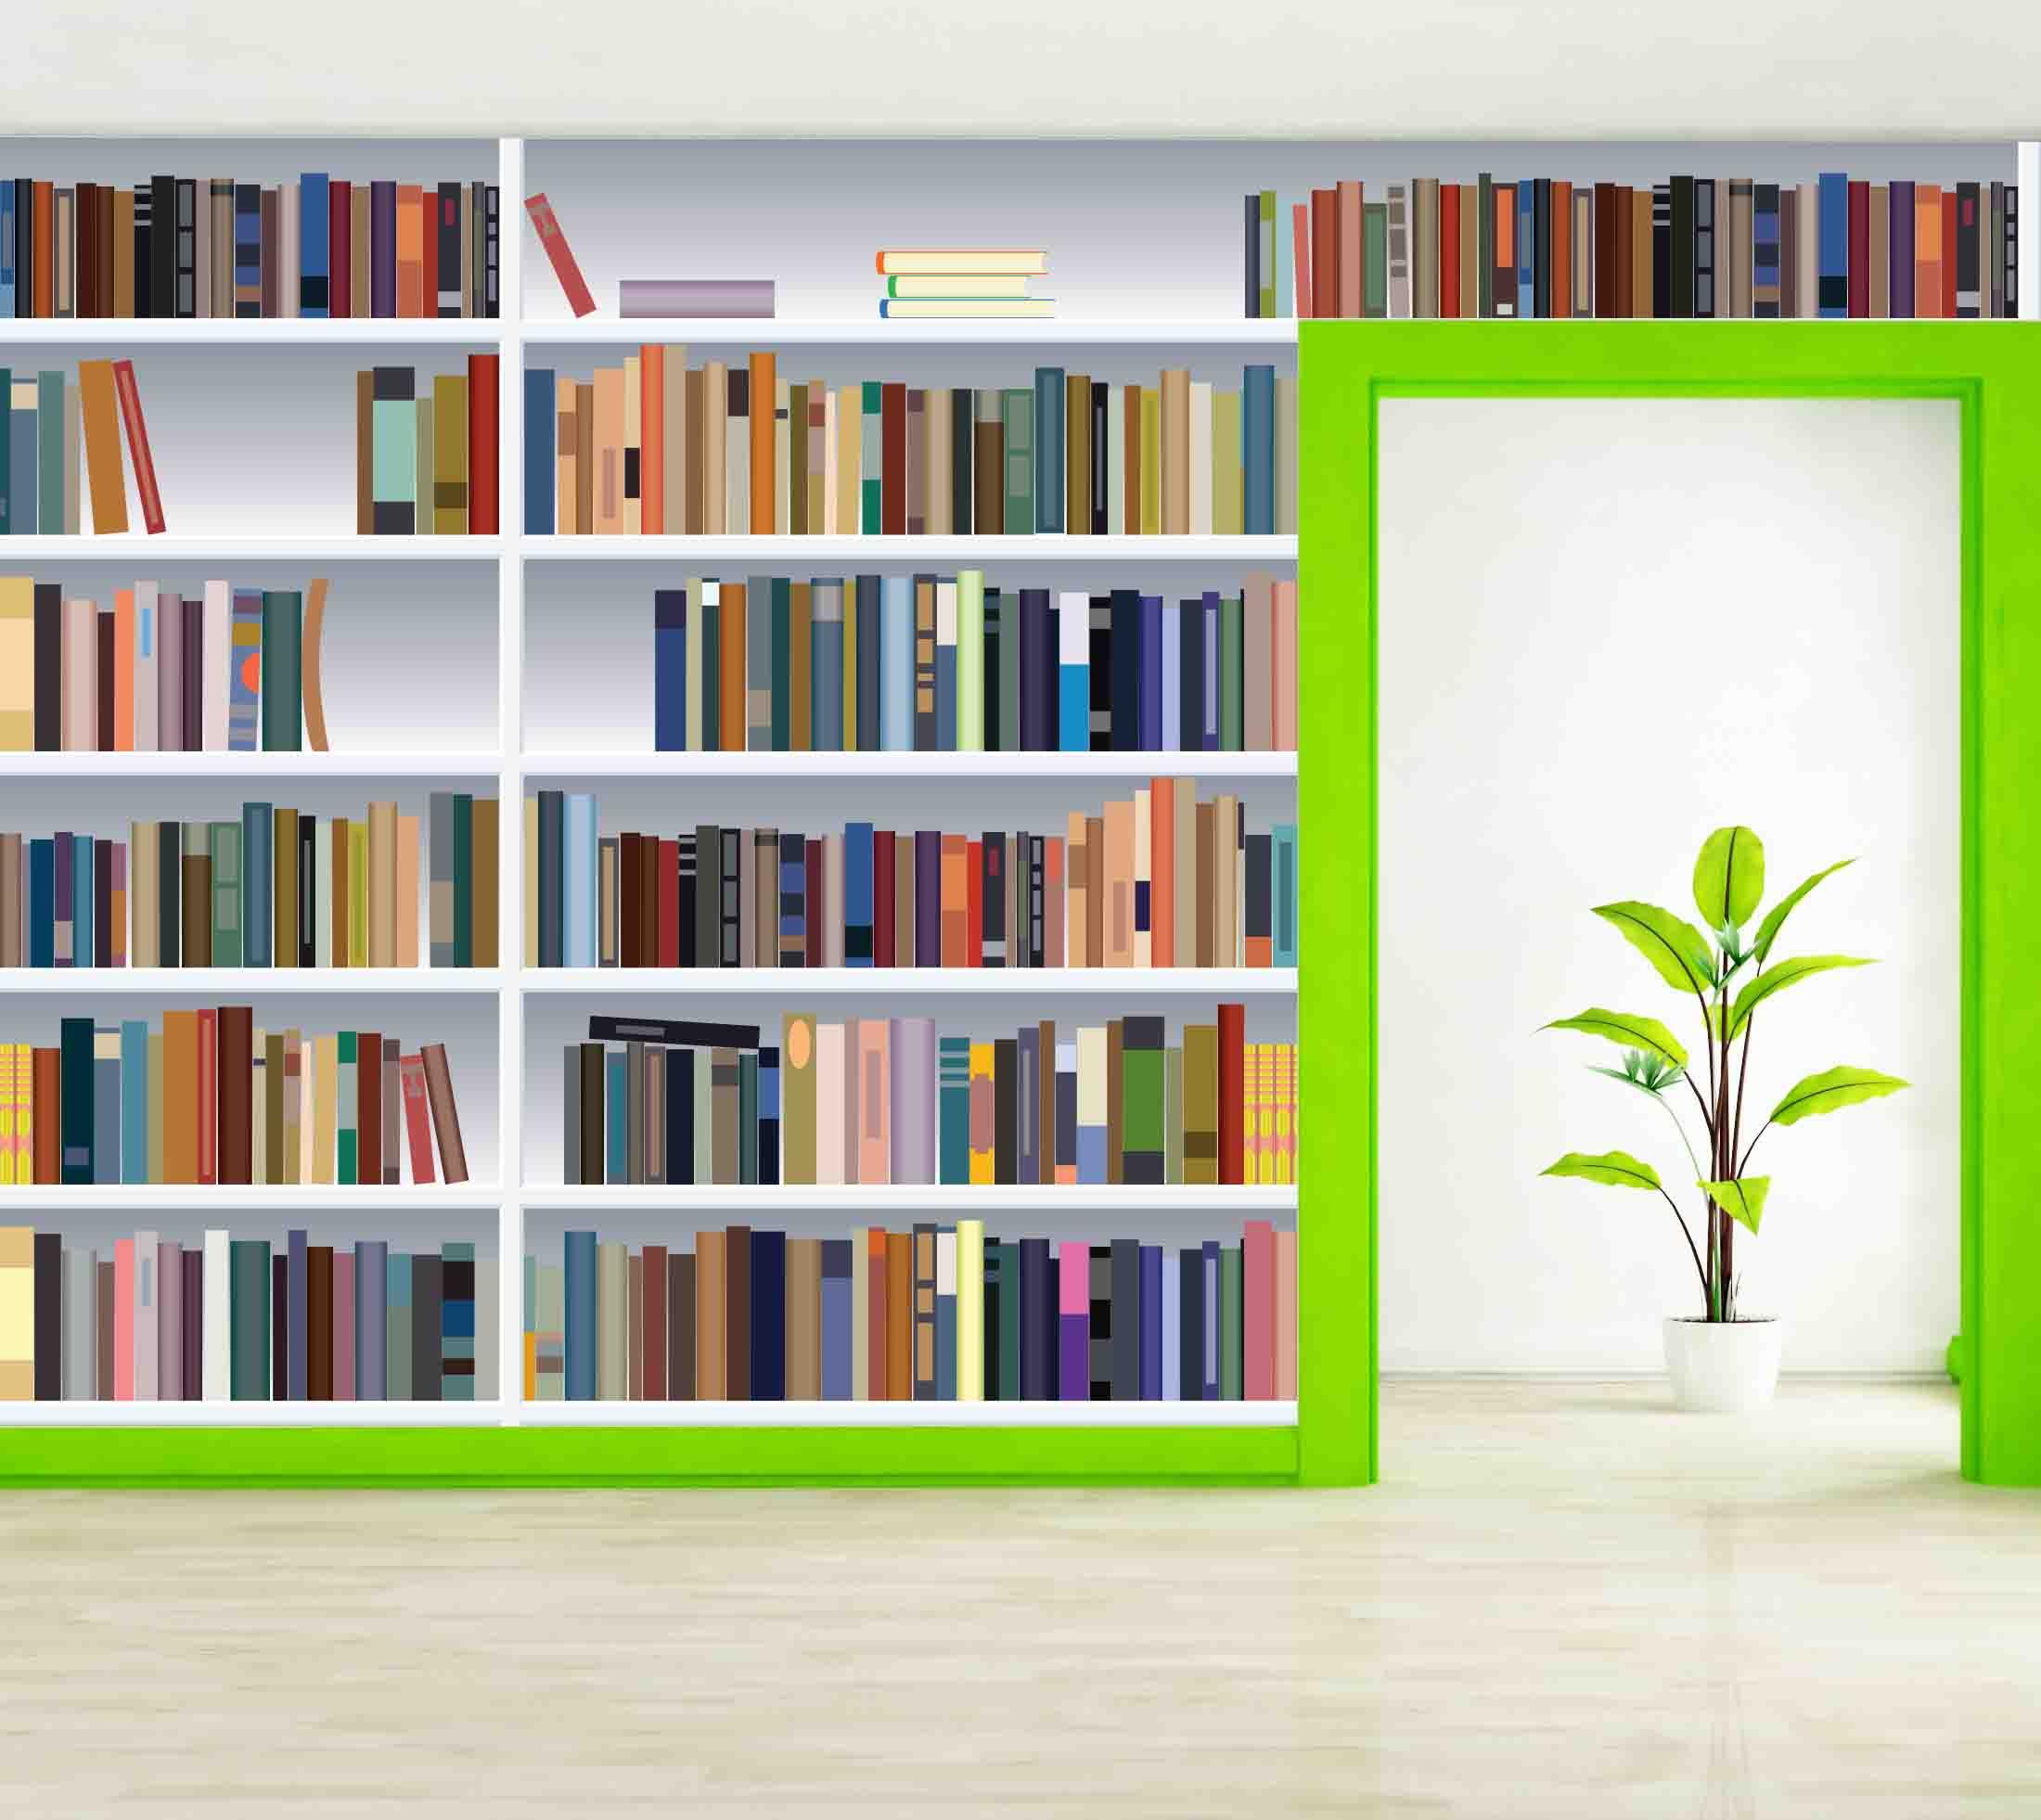 Wallpaper For Bookshelf